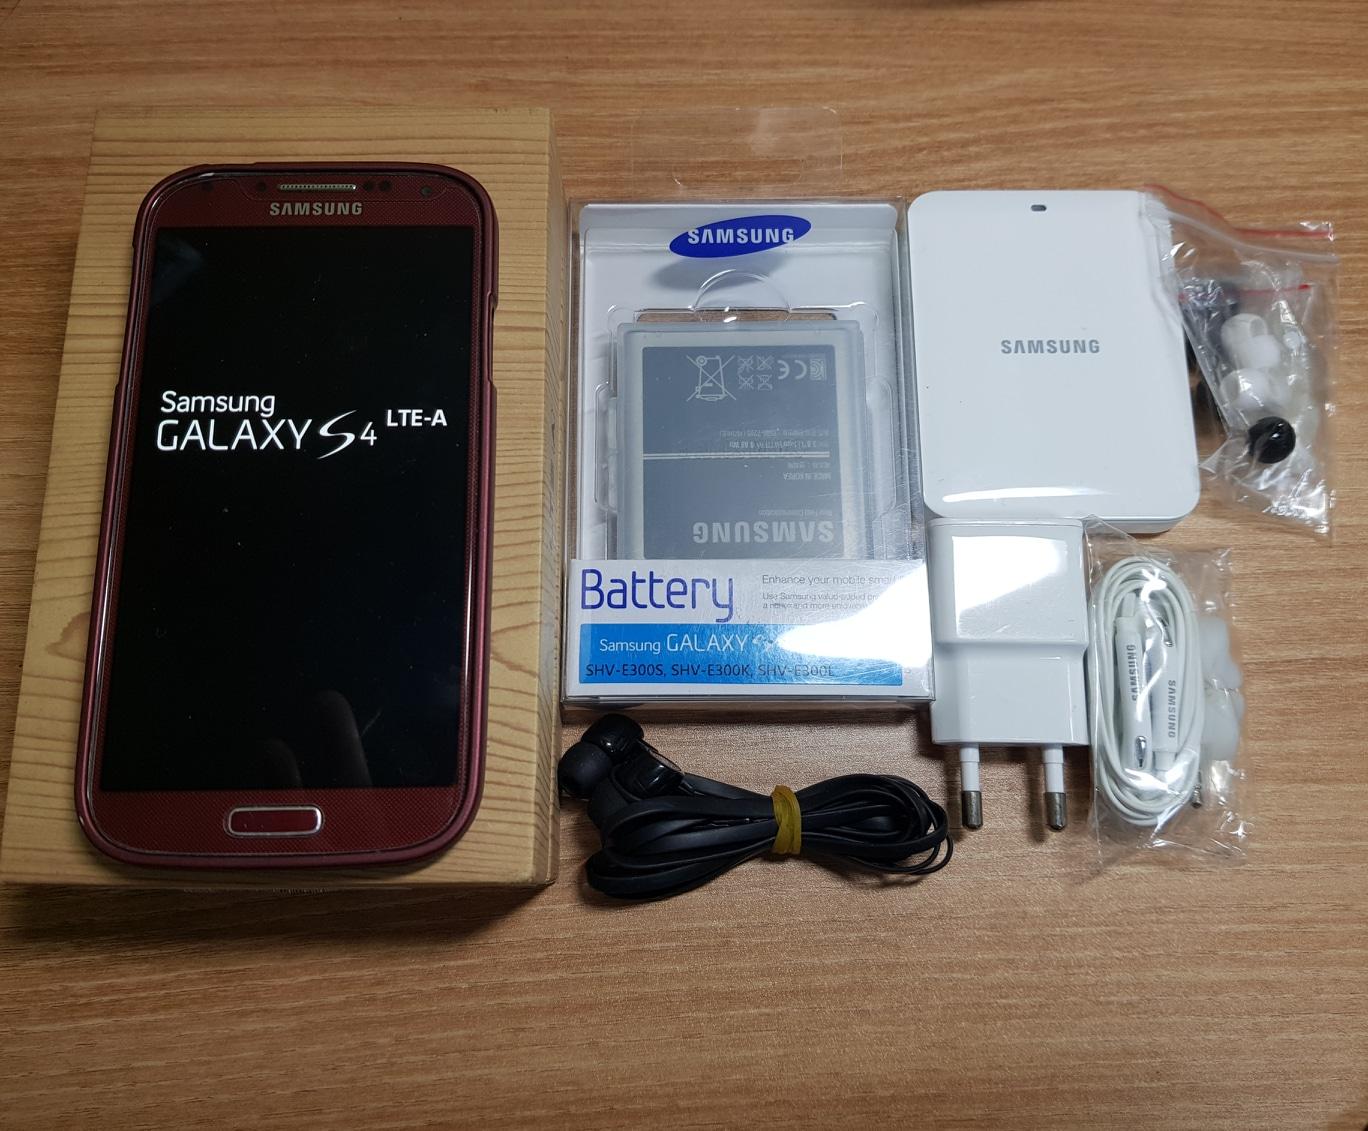 갤럭시 S4 LTE-A